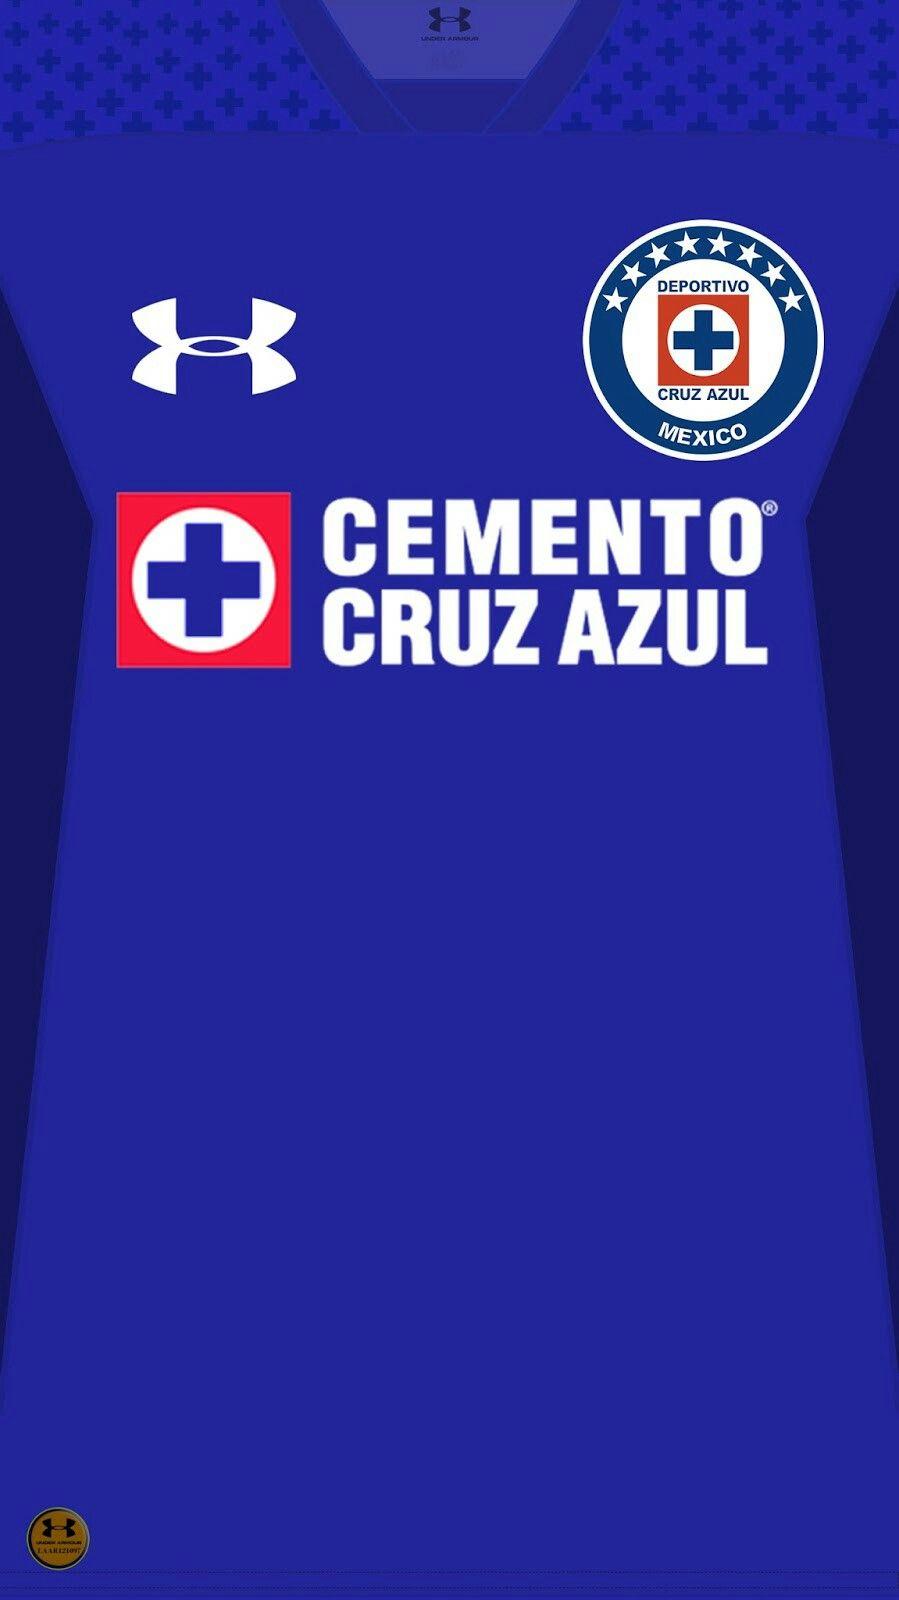 f93e1da30 Cruz Azul 17-18 kit home ( Eterno Subcampeon )